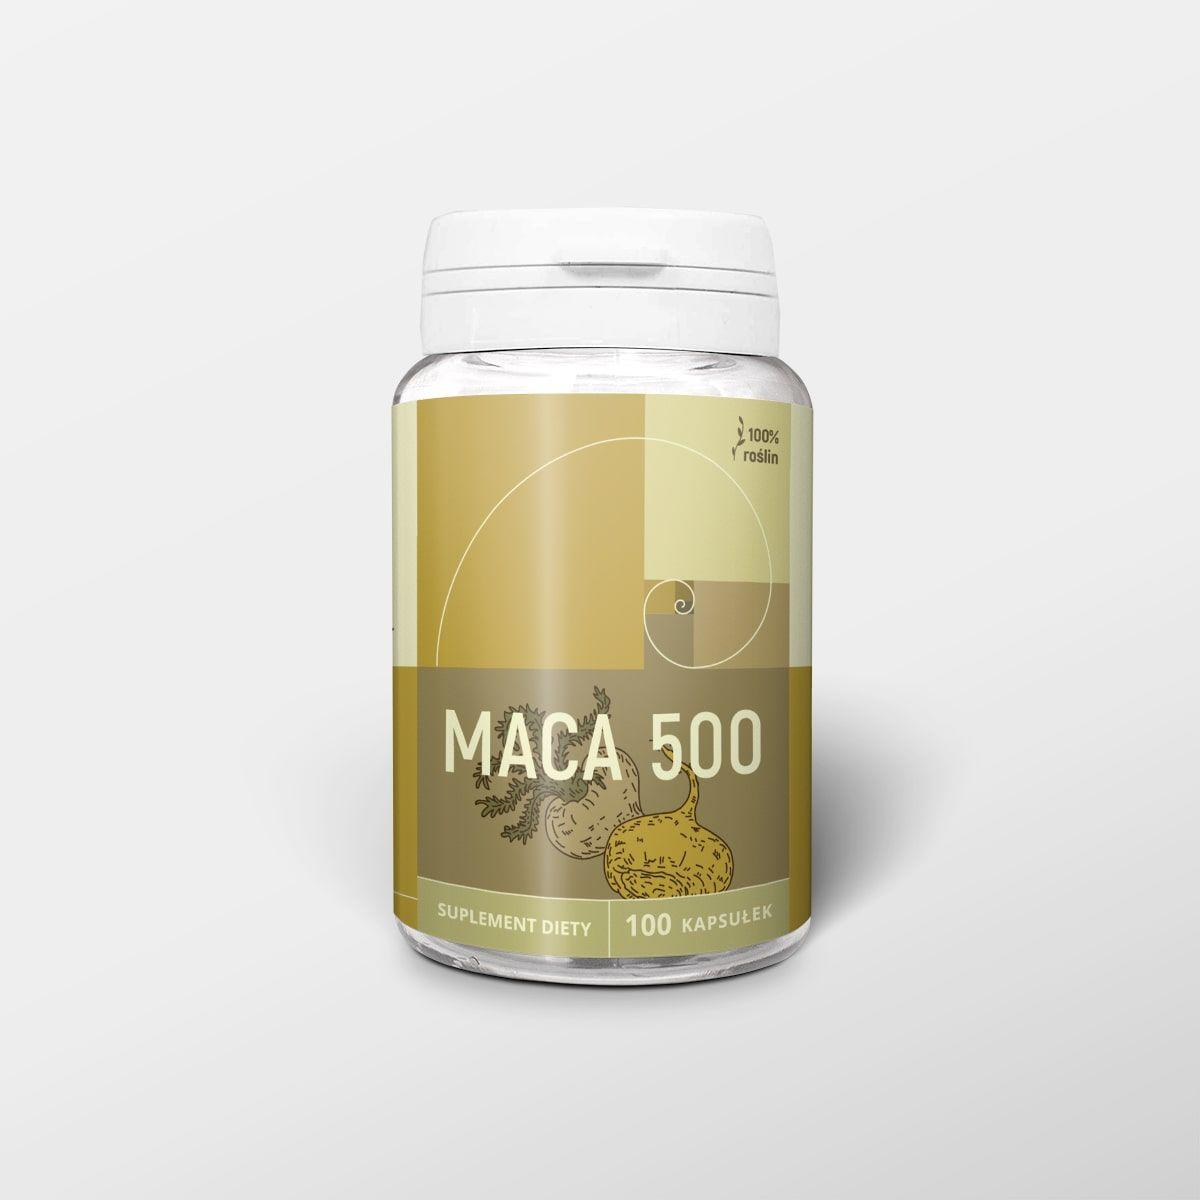 Maca 100 kapsułek x 500 mg